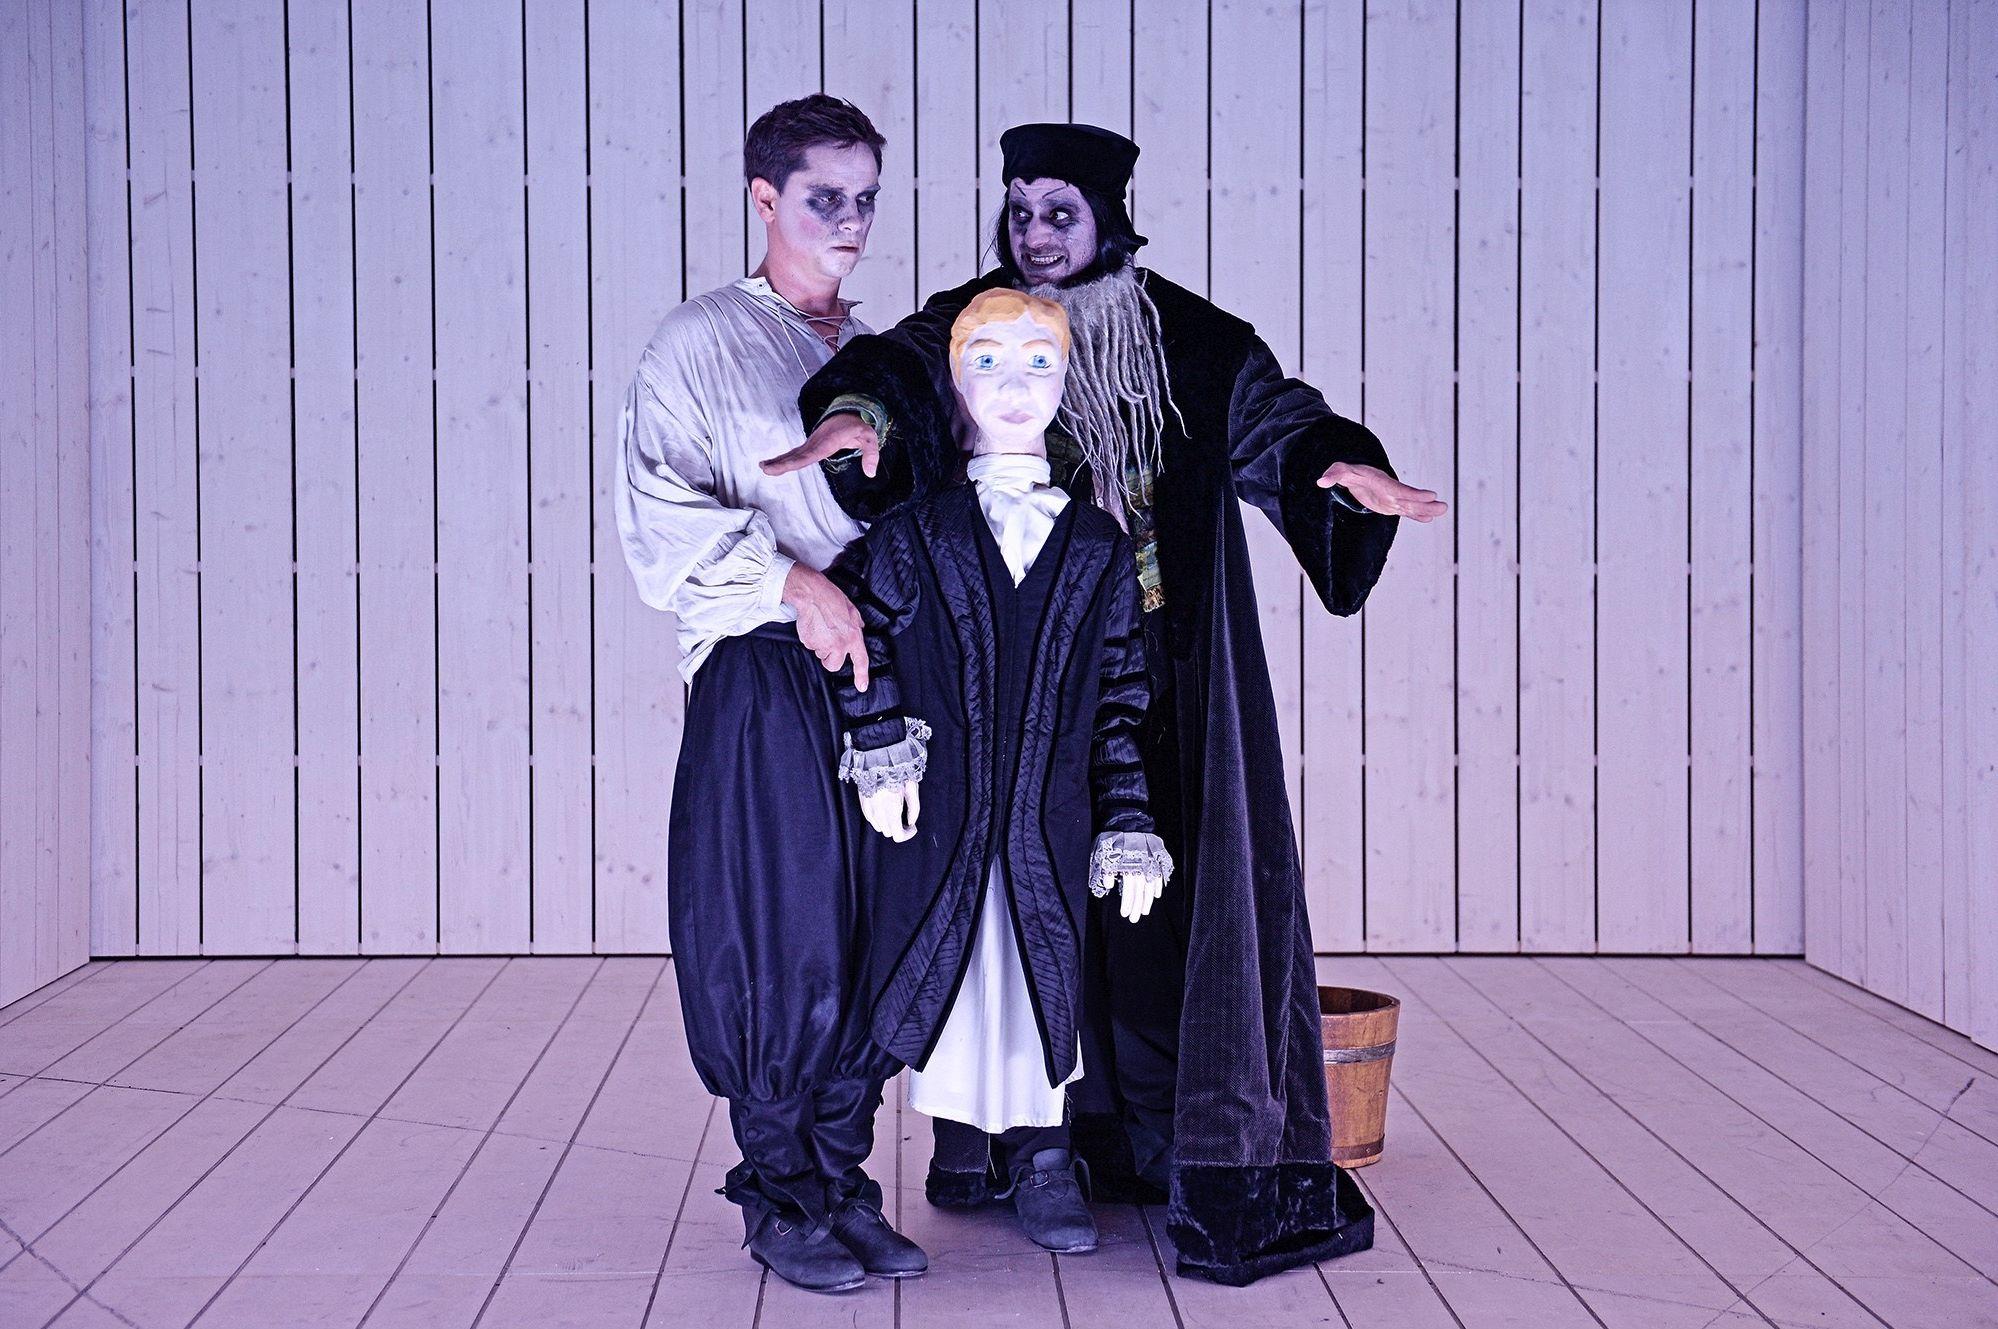 Fotos: Andreas Etter / Hessisches Staatstheater Wiesbaden